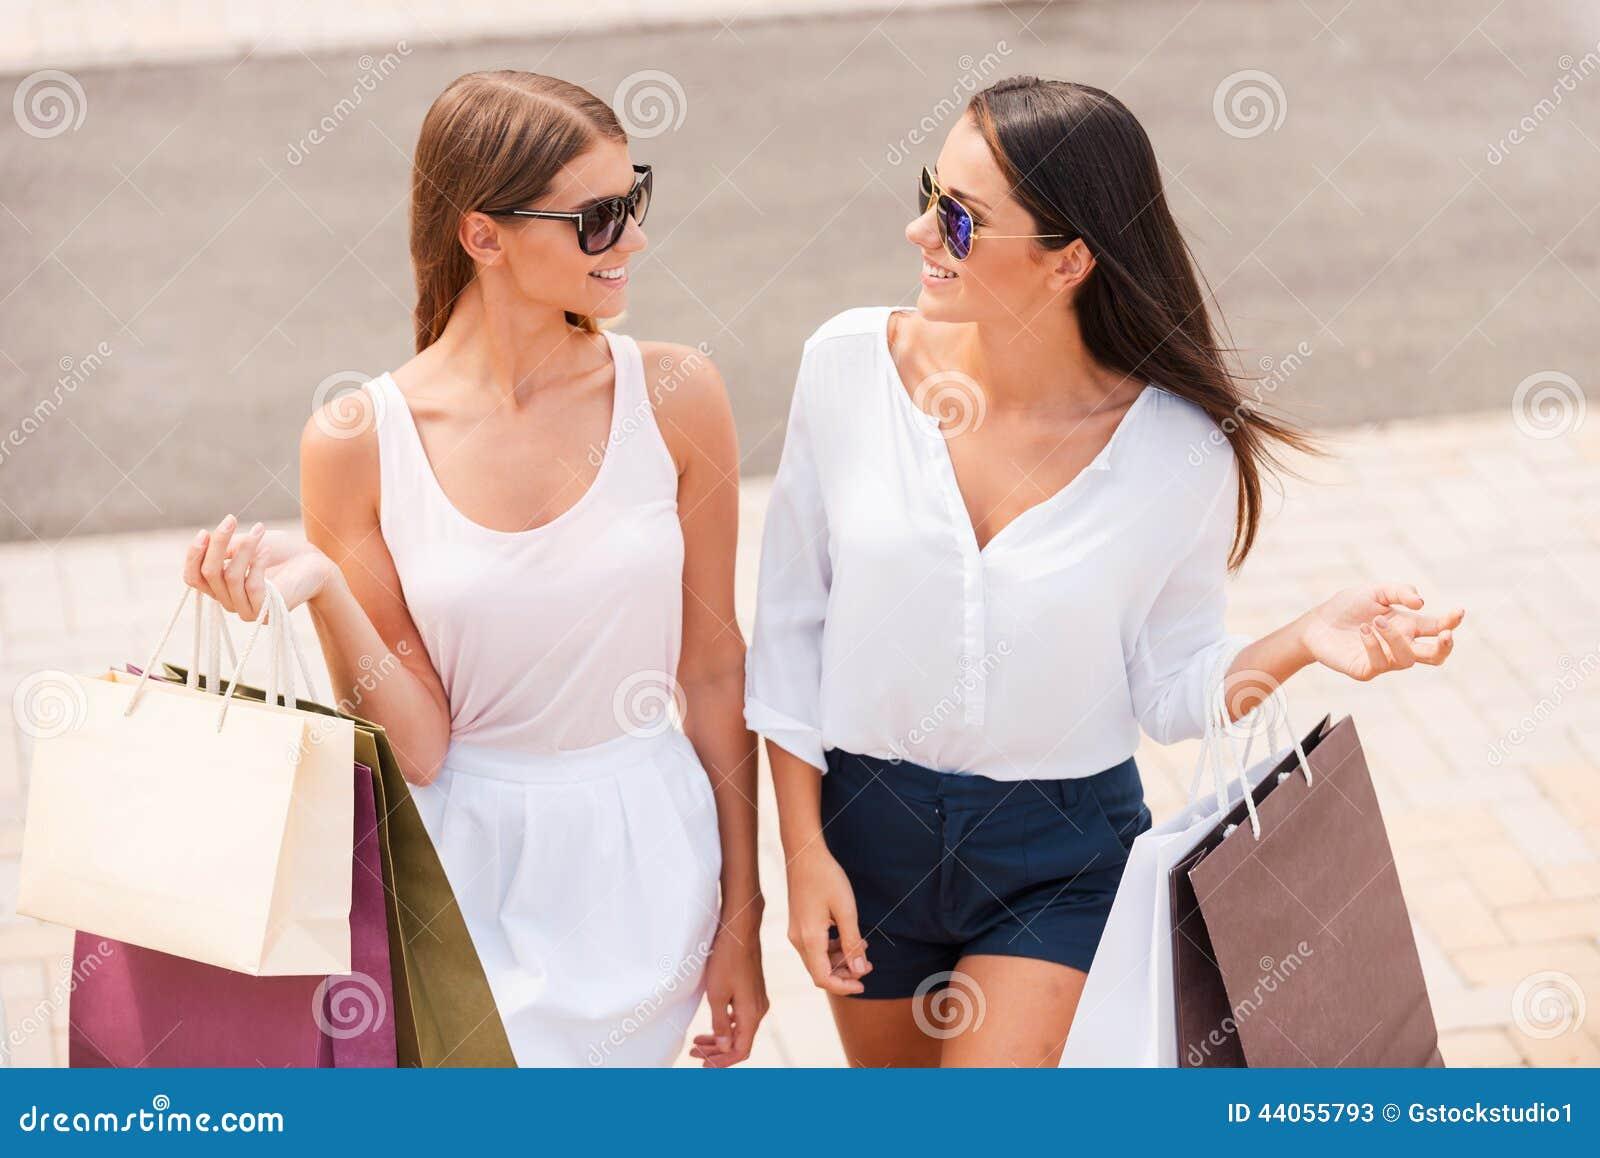 购物是最佳的疗法